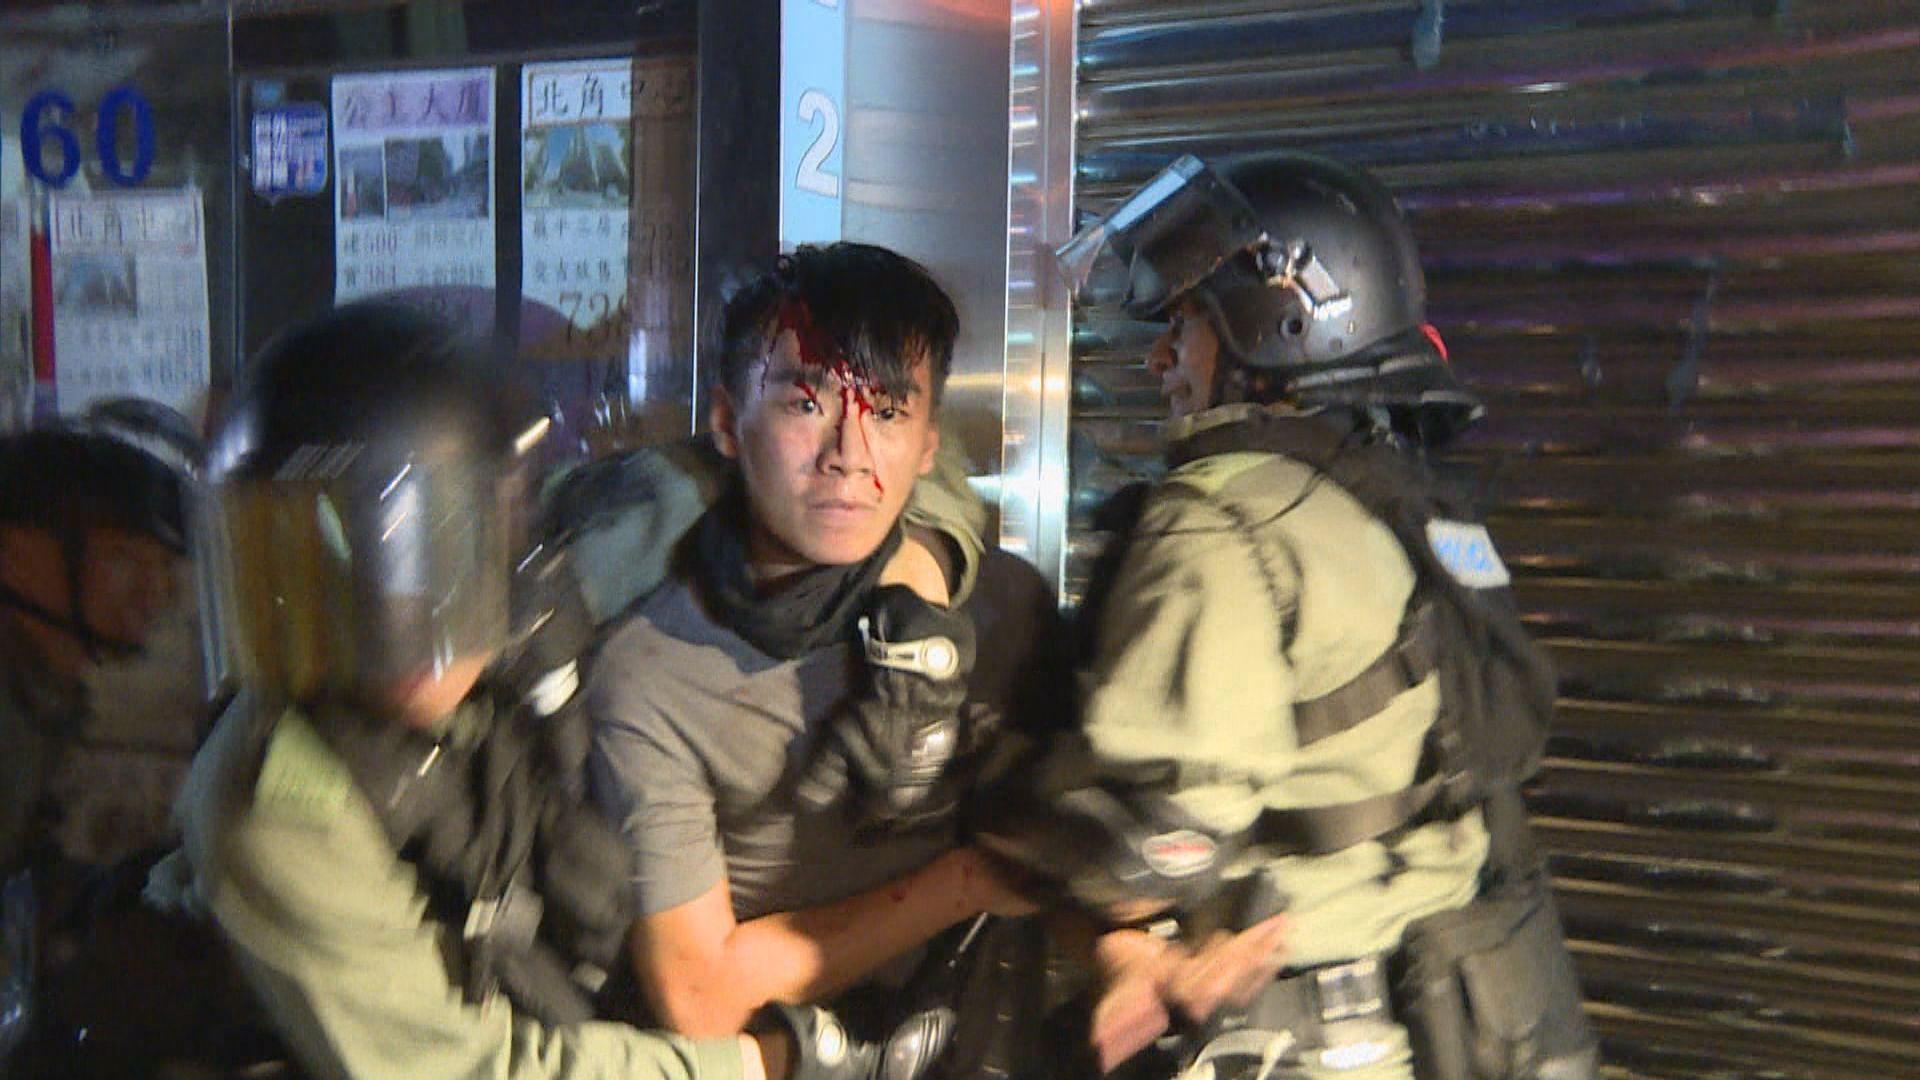 19歲學生被控周日北角襲警提堂准保釋